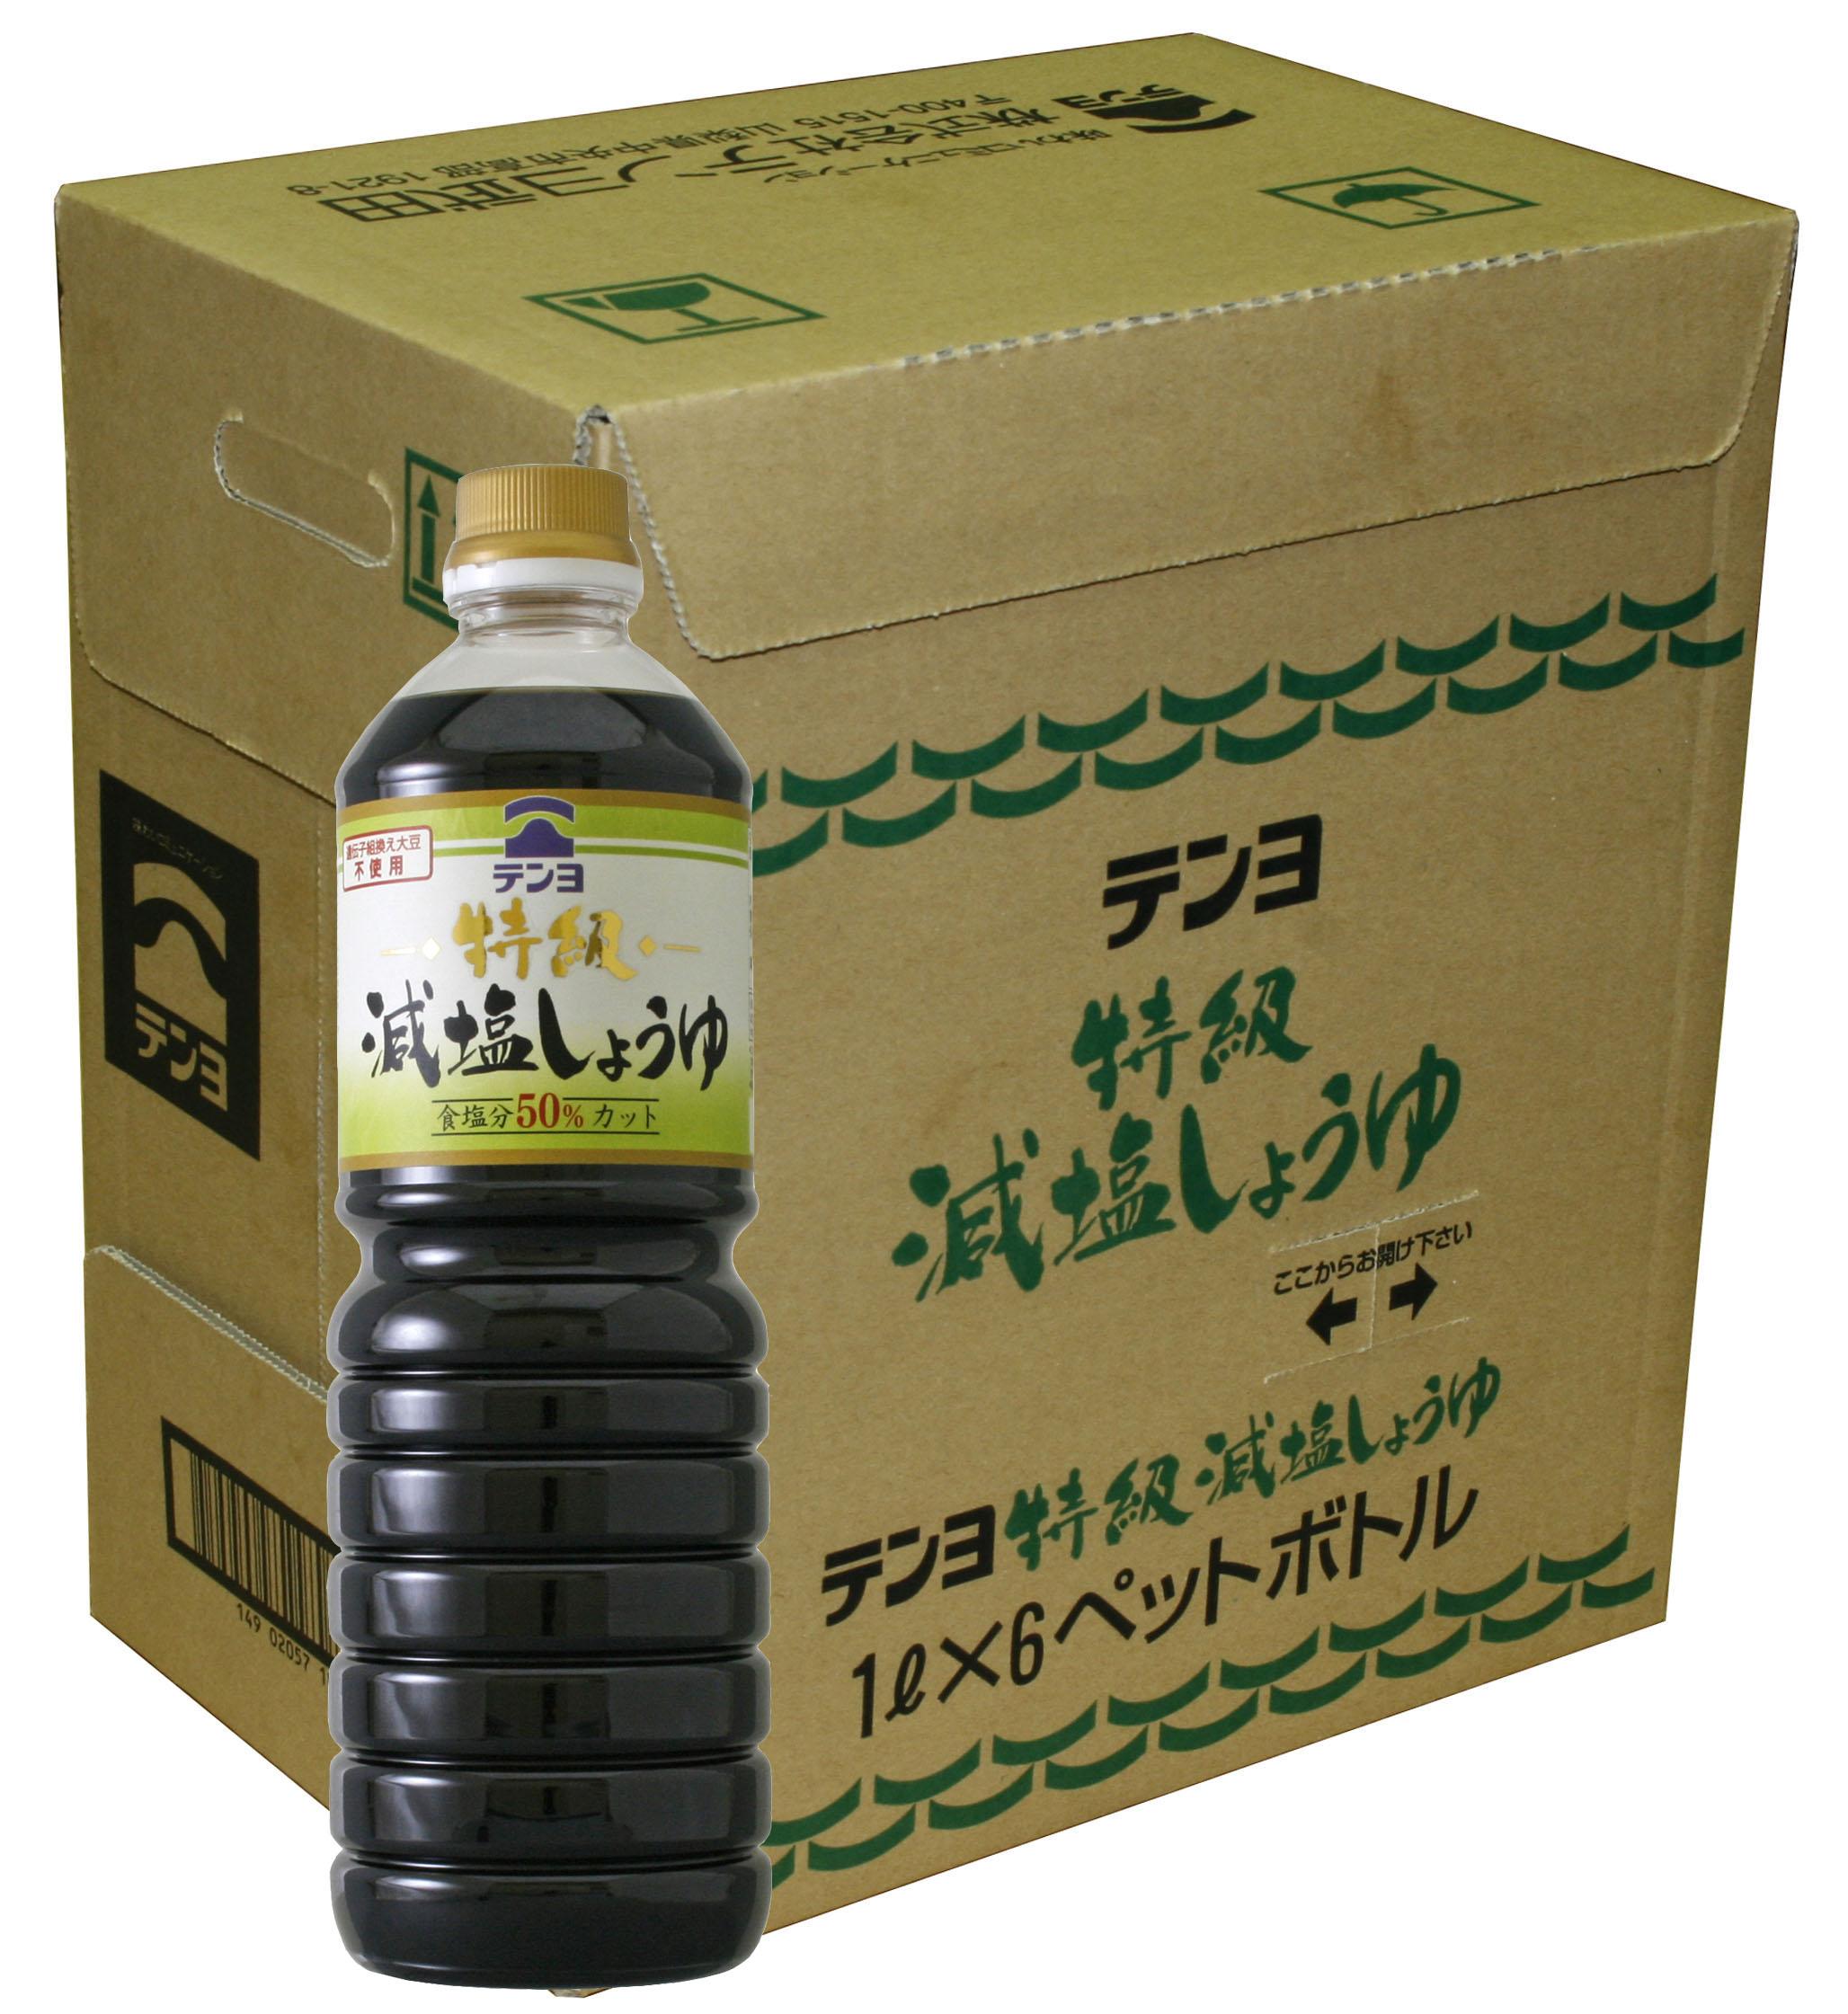 特級減塩1L×6本【ケース割引】